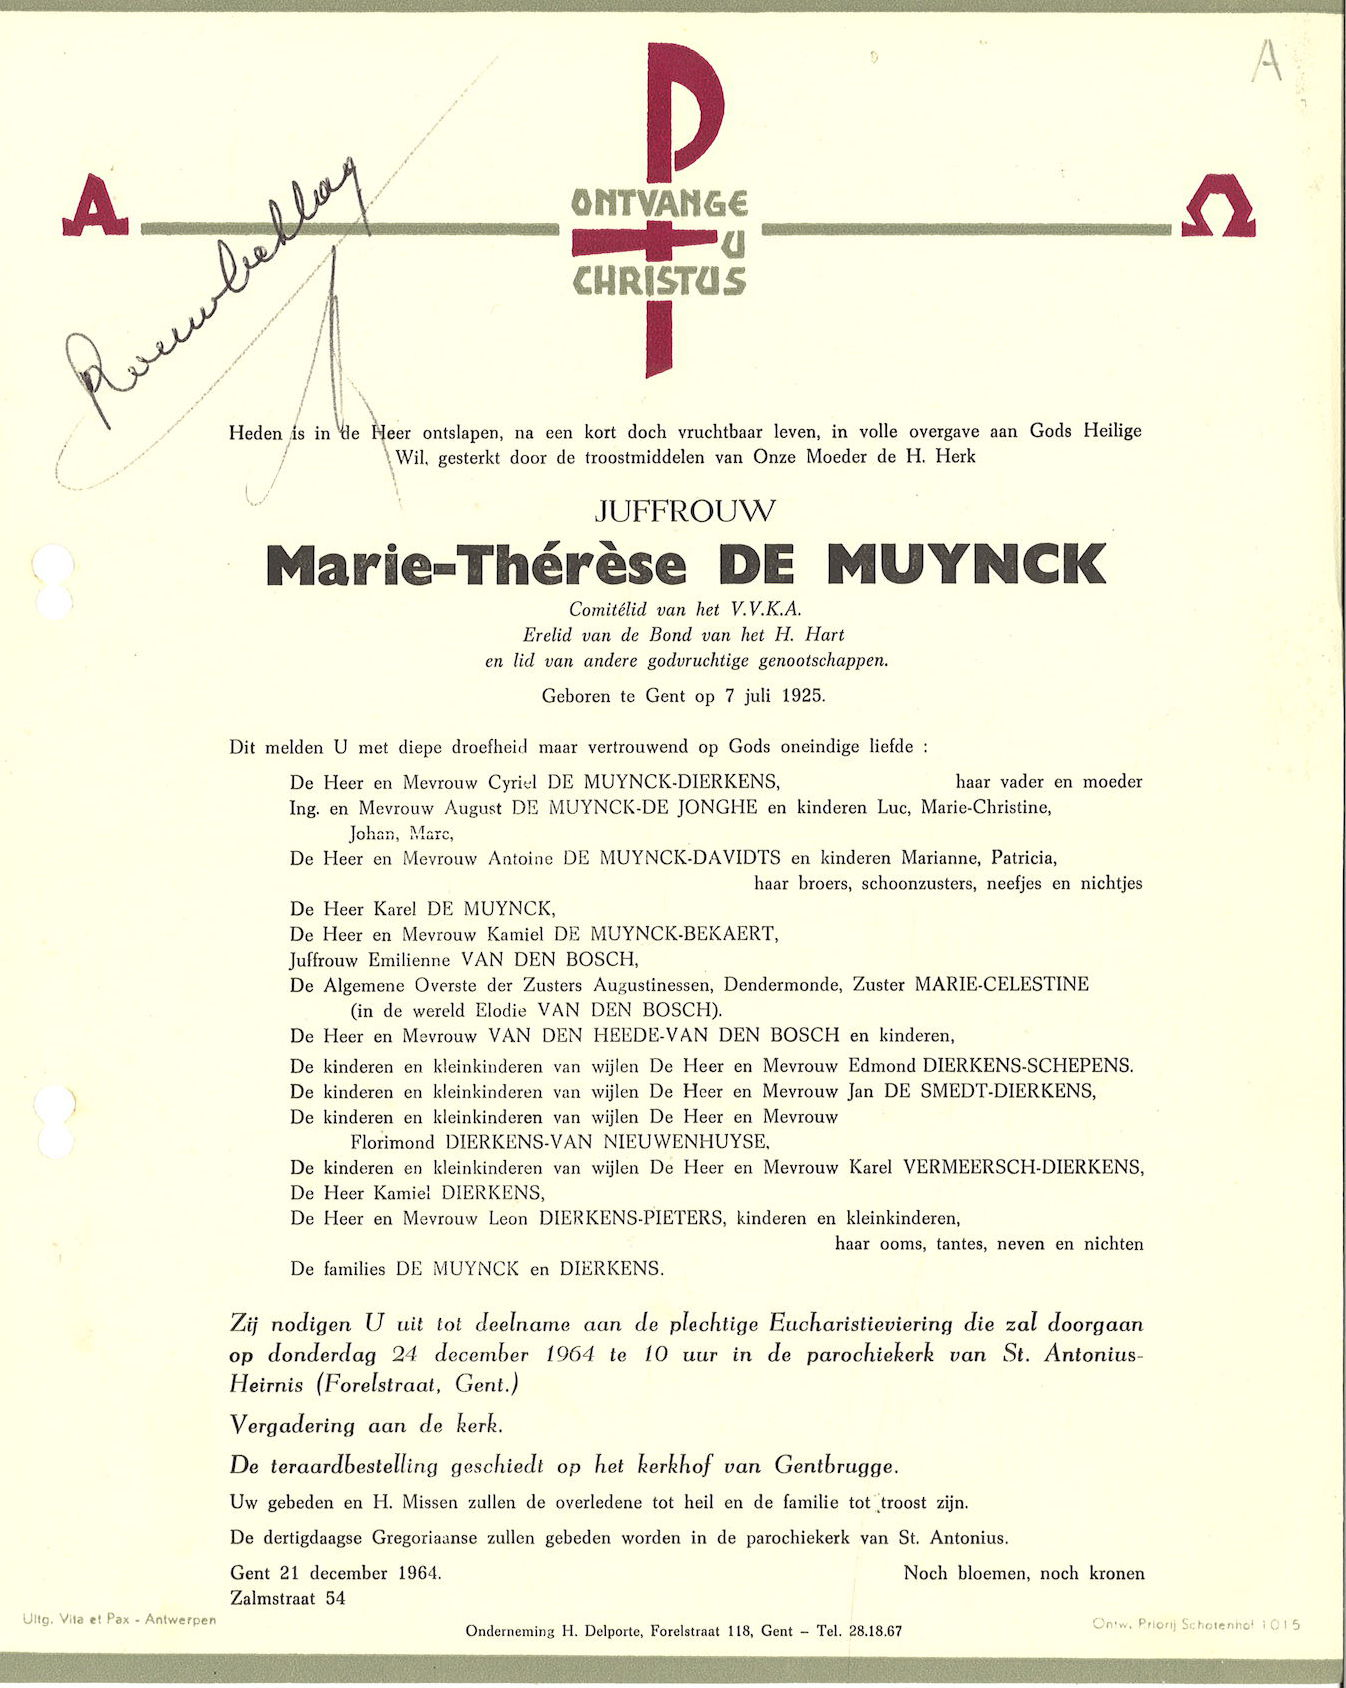 Marie-Thérèse De Muynck